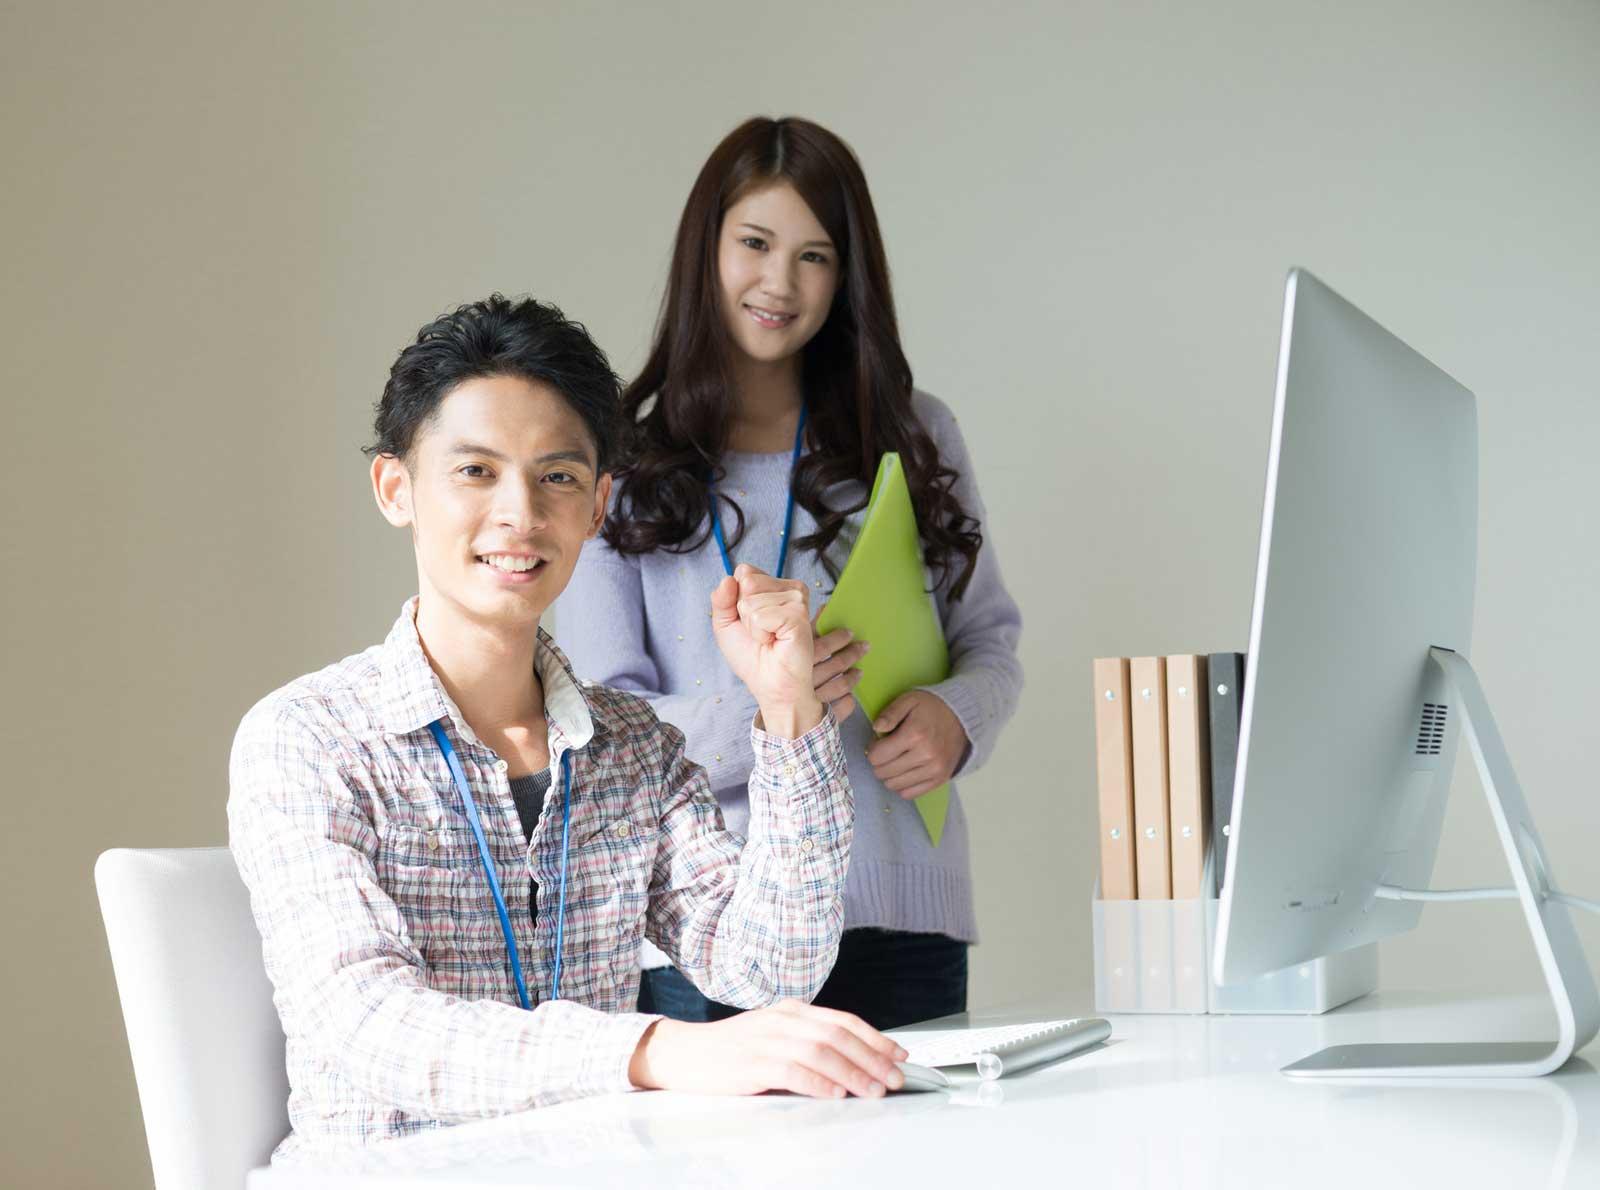 札幌市内の社会人・大学生対象のプログラミング教室の一覧表